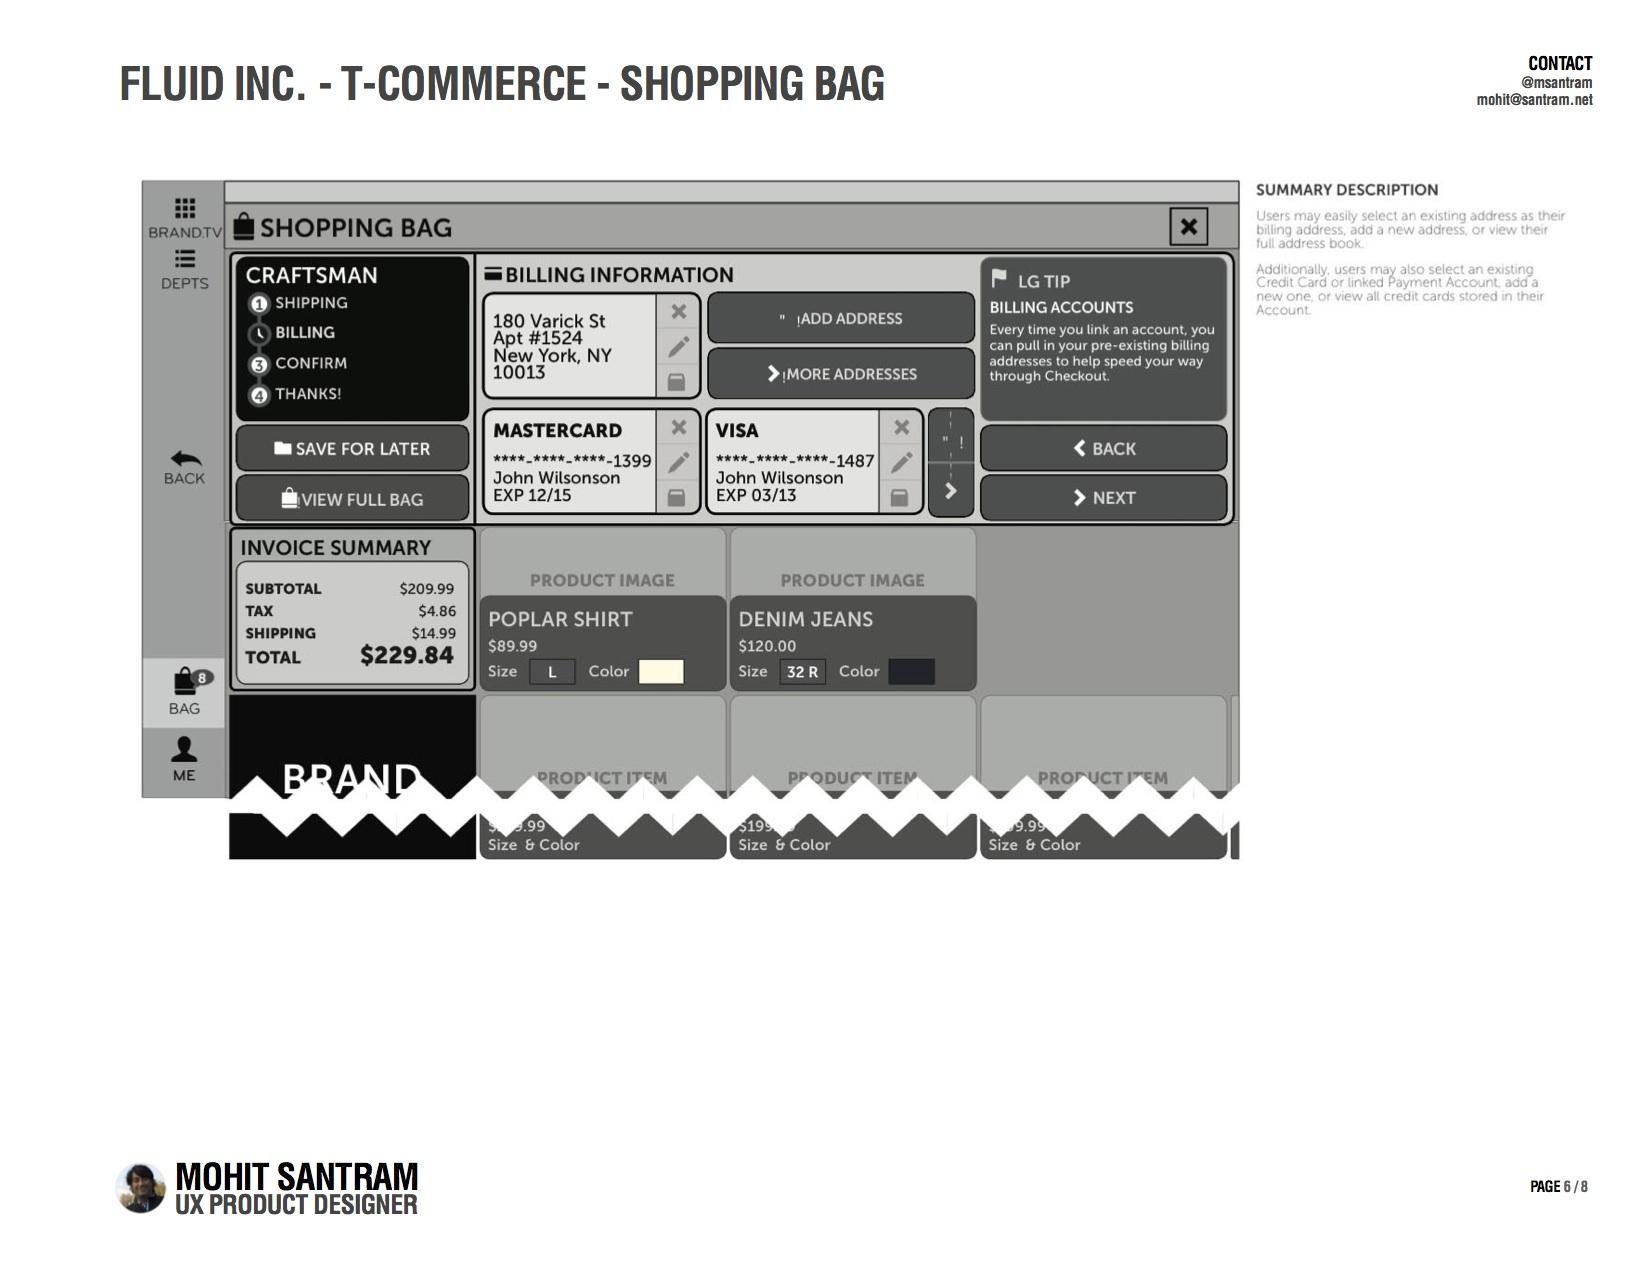 T-Commerce Shopping Bag